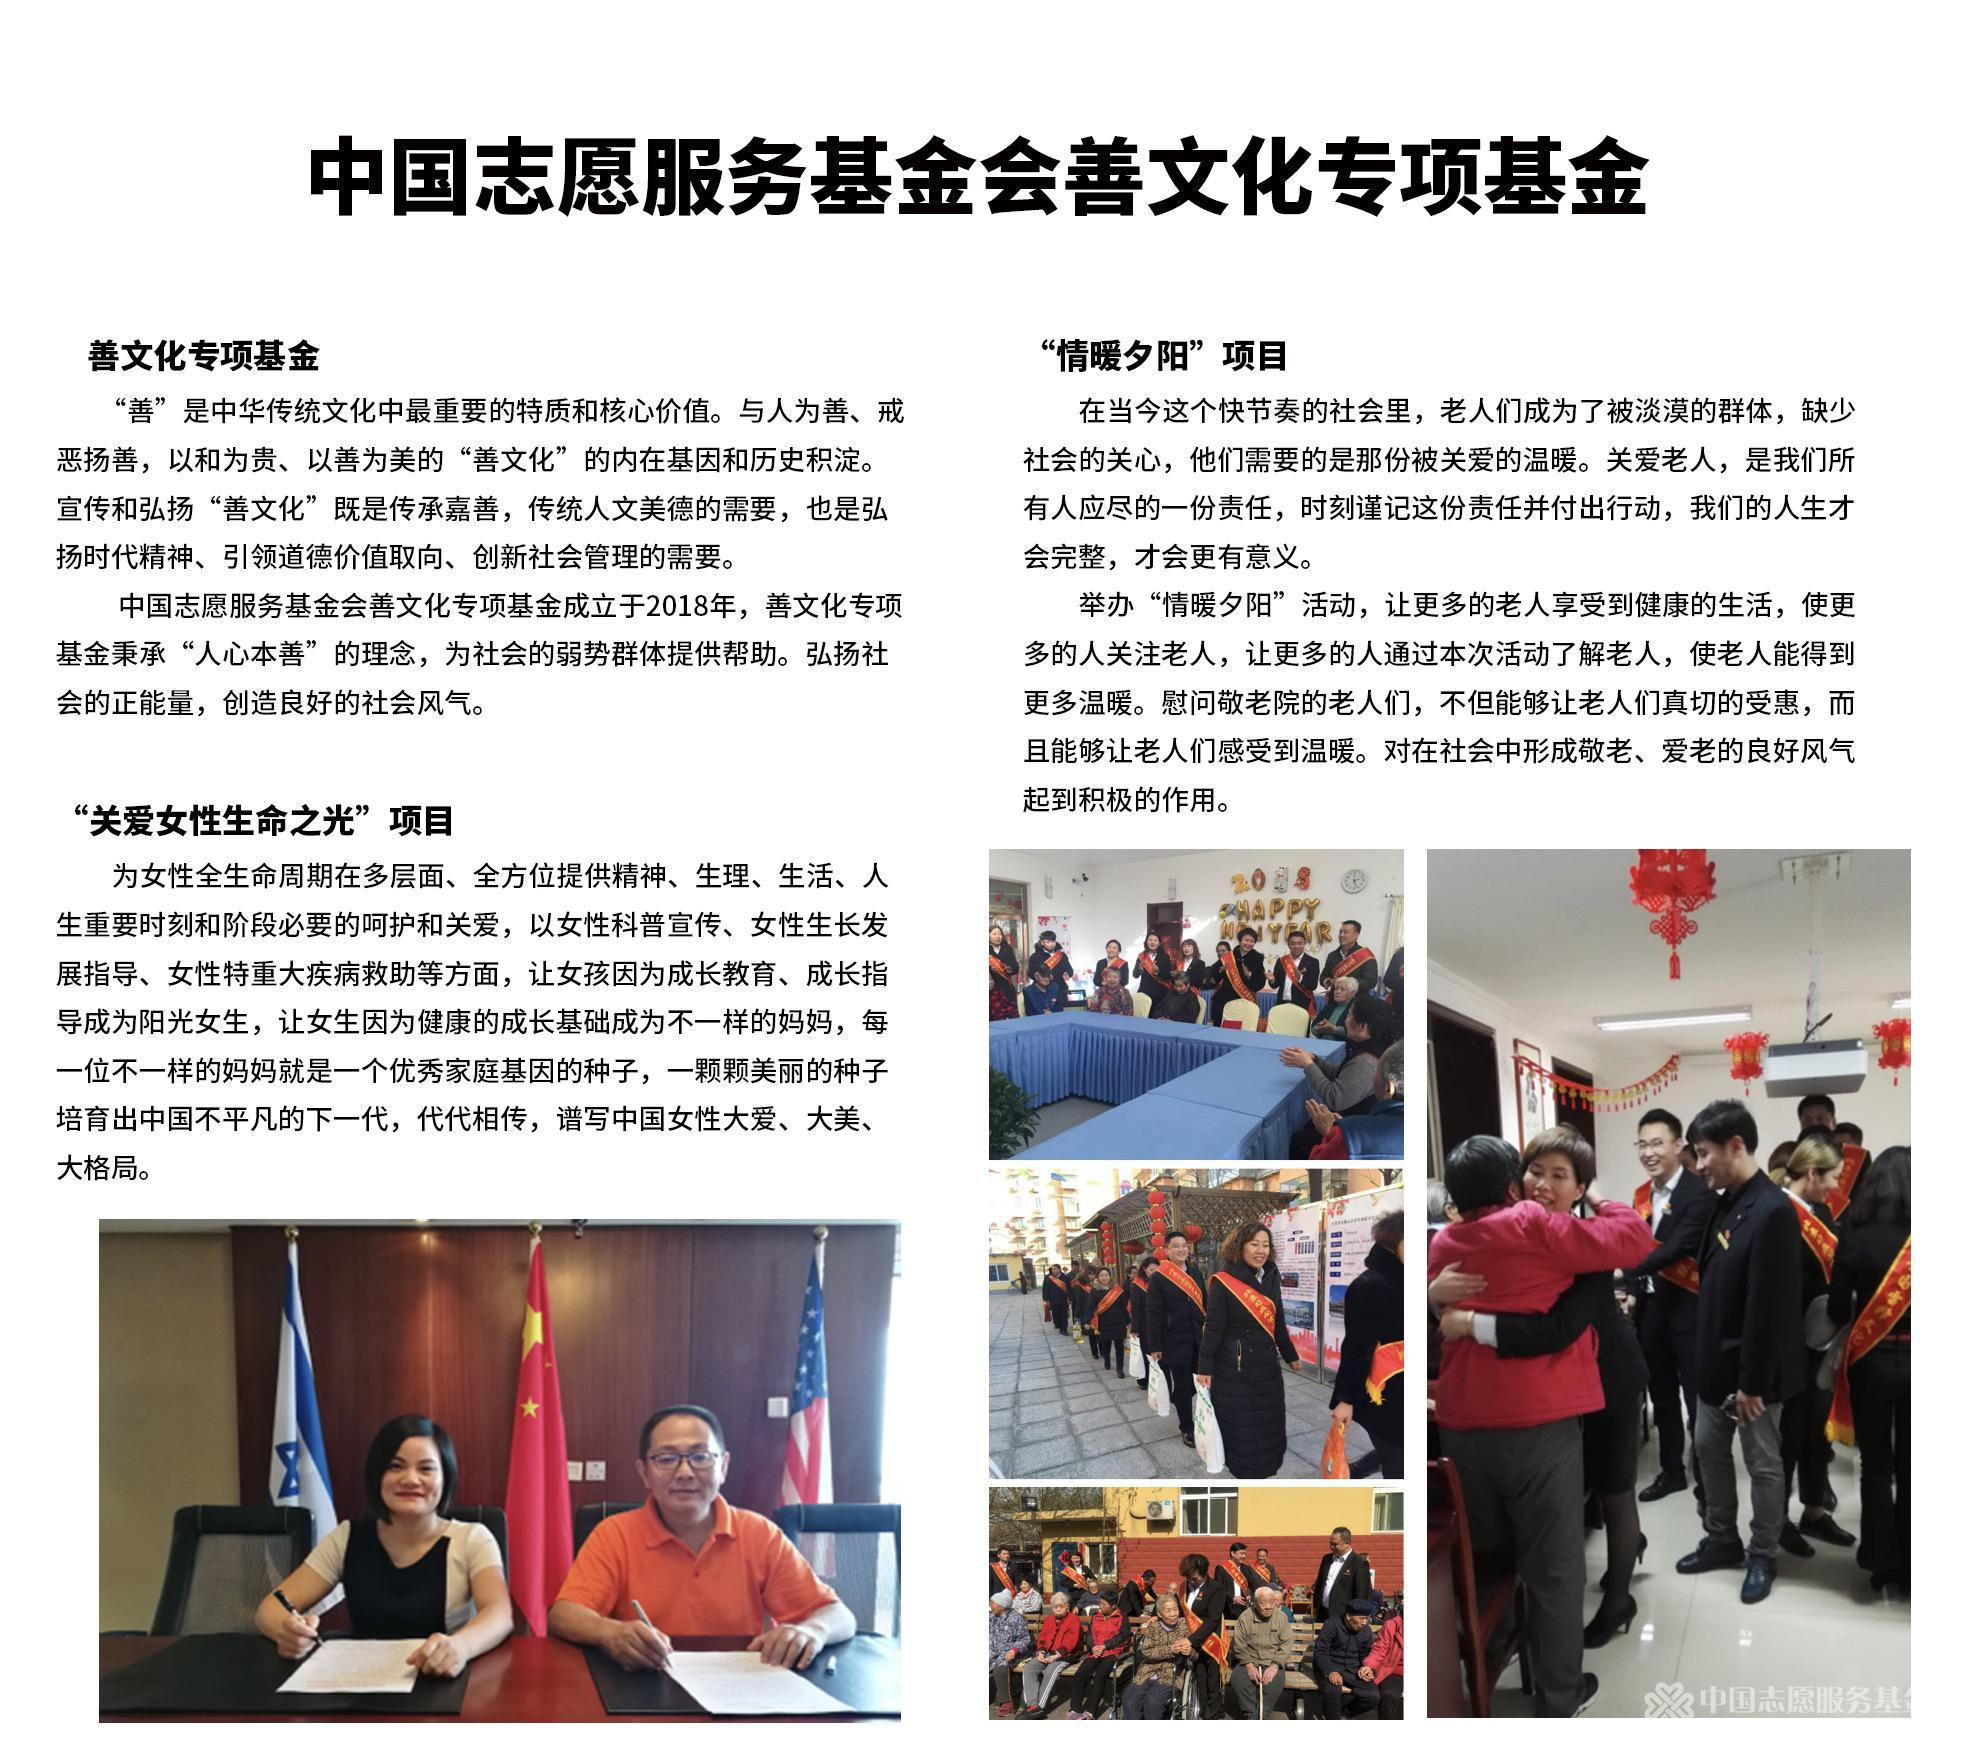 中國志愿服務基金會善文化專項基金